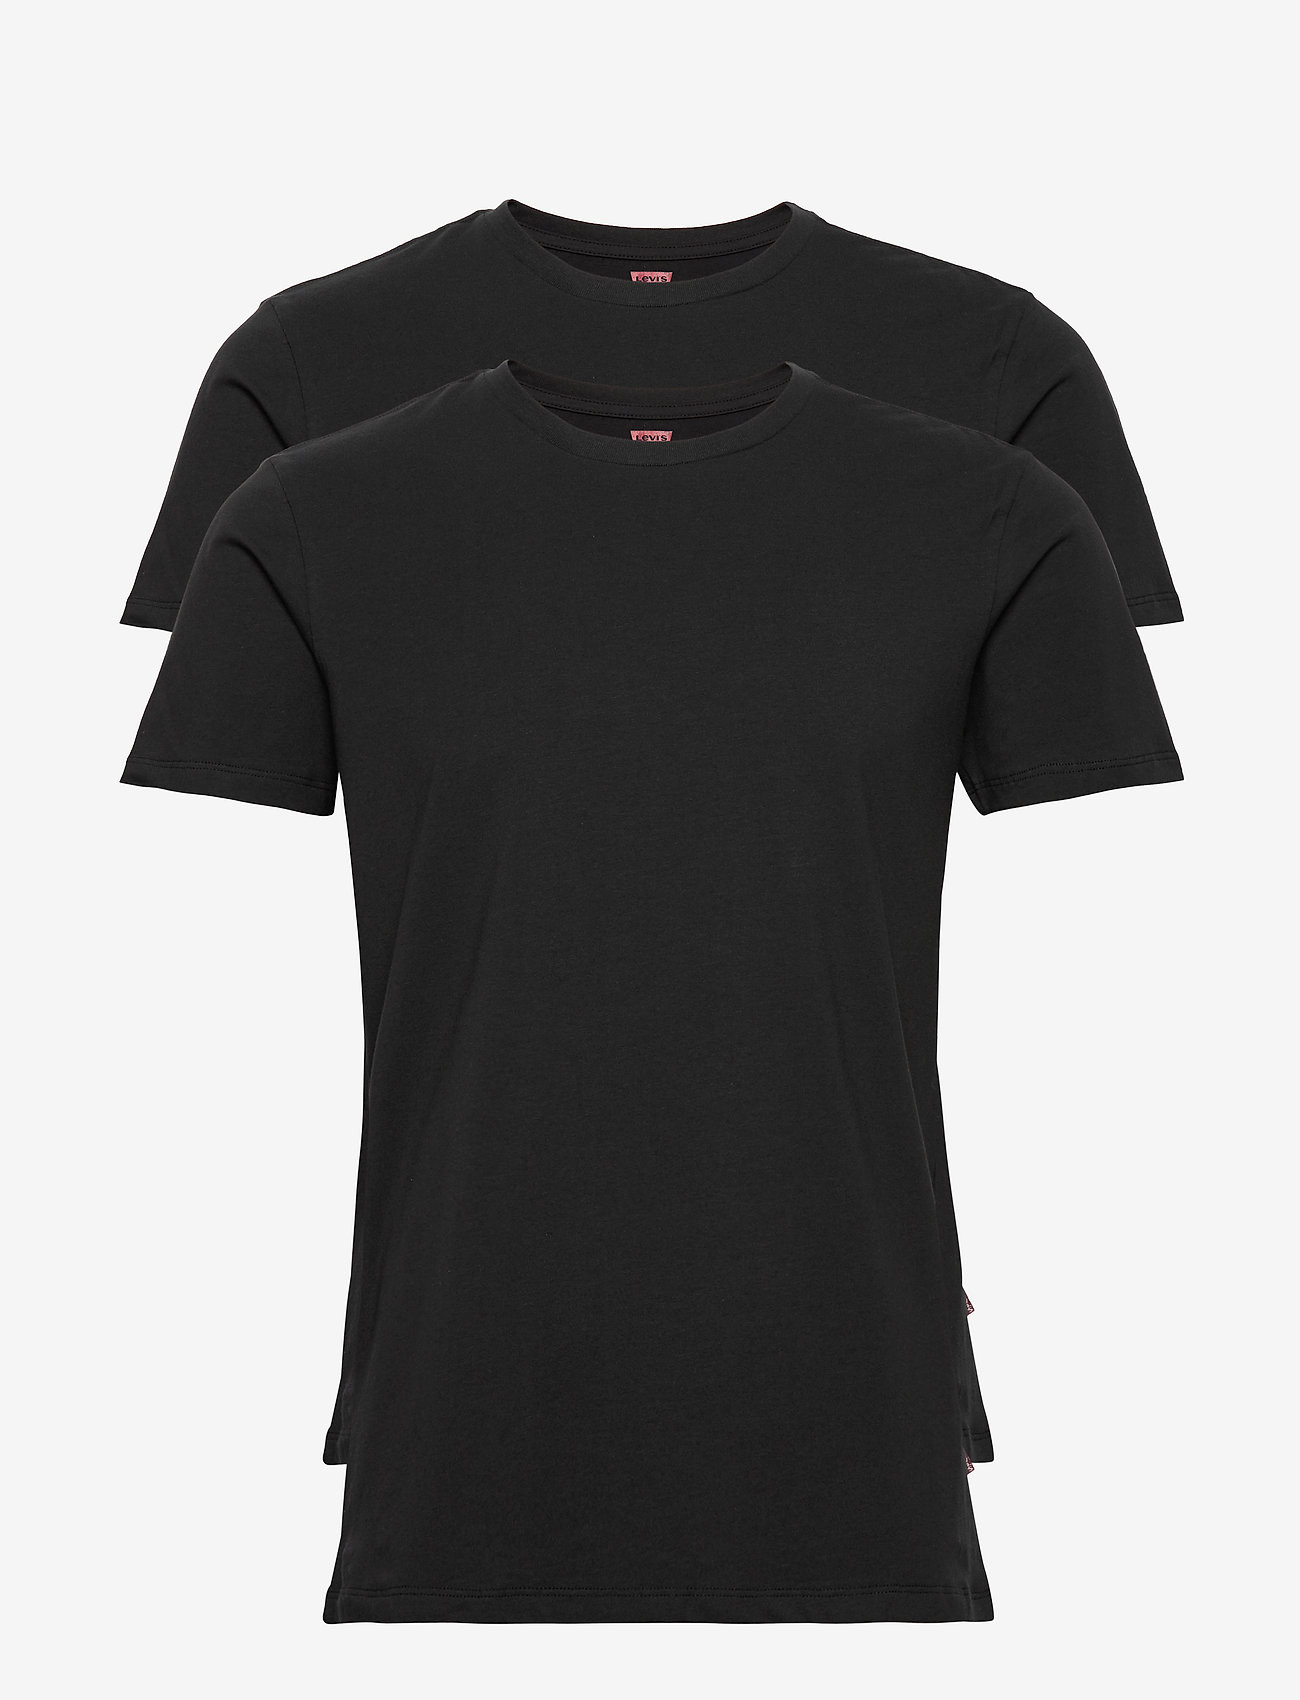 2PACK pánské tričko Levis Crew-neck černé (905055001 884) L